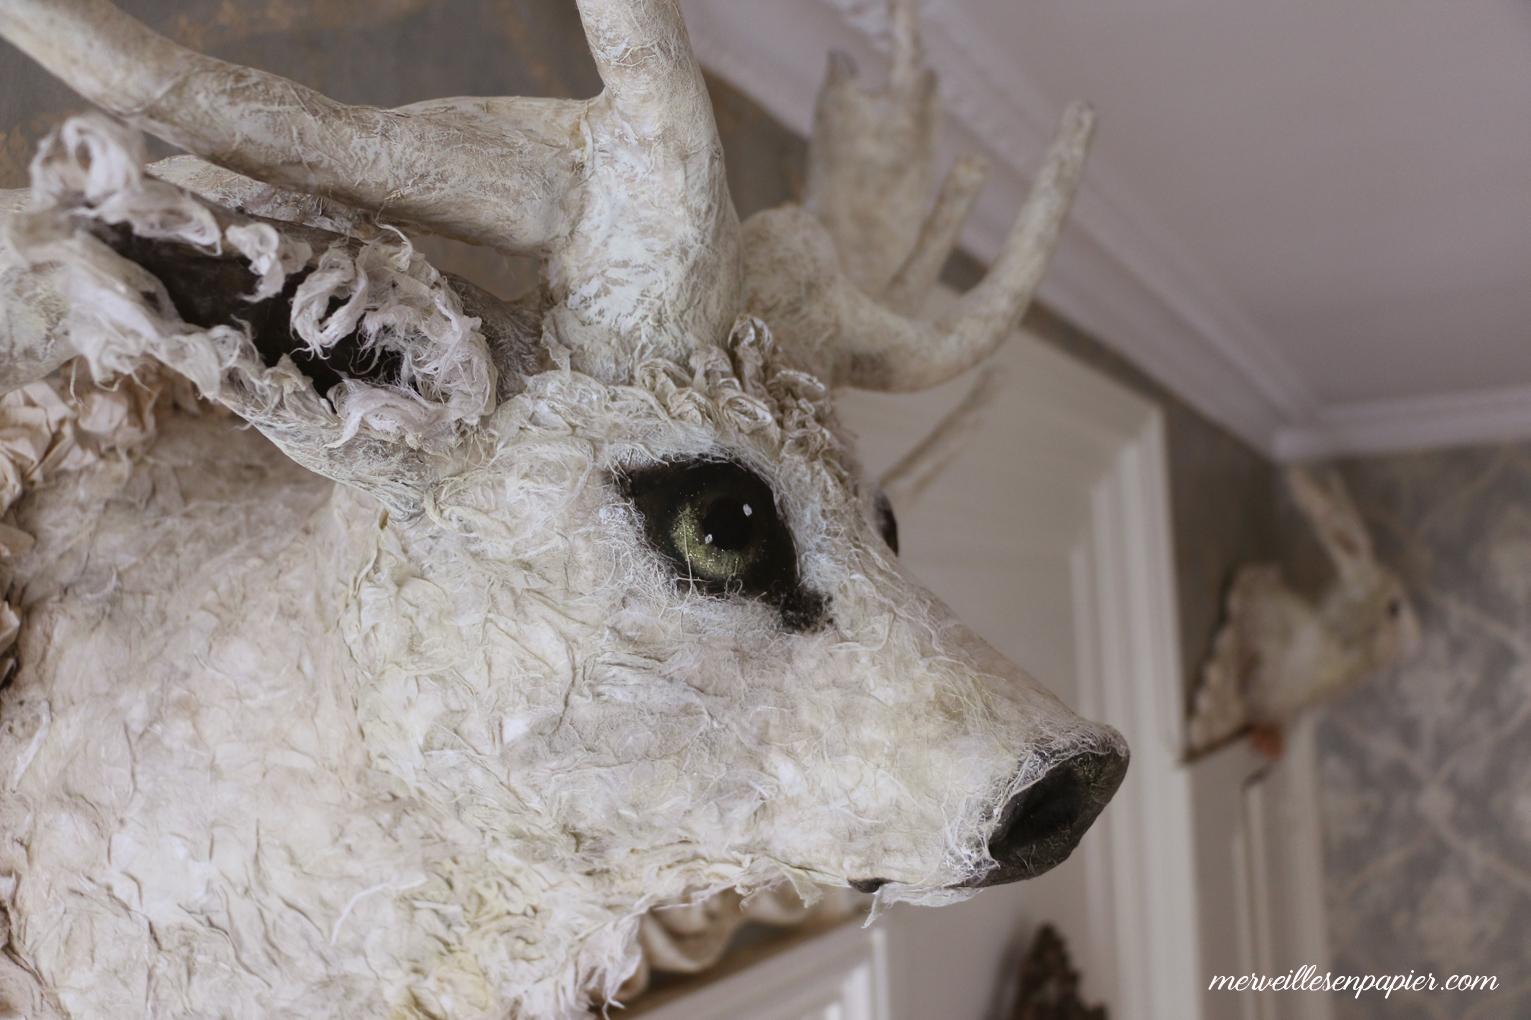 fairy-tale-deer-hunt-trophy-3.jpg